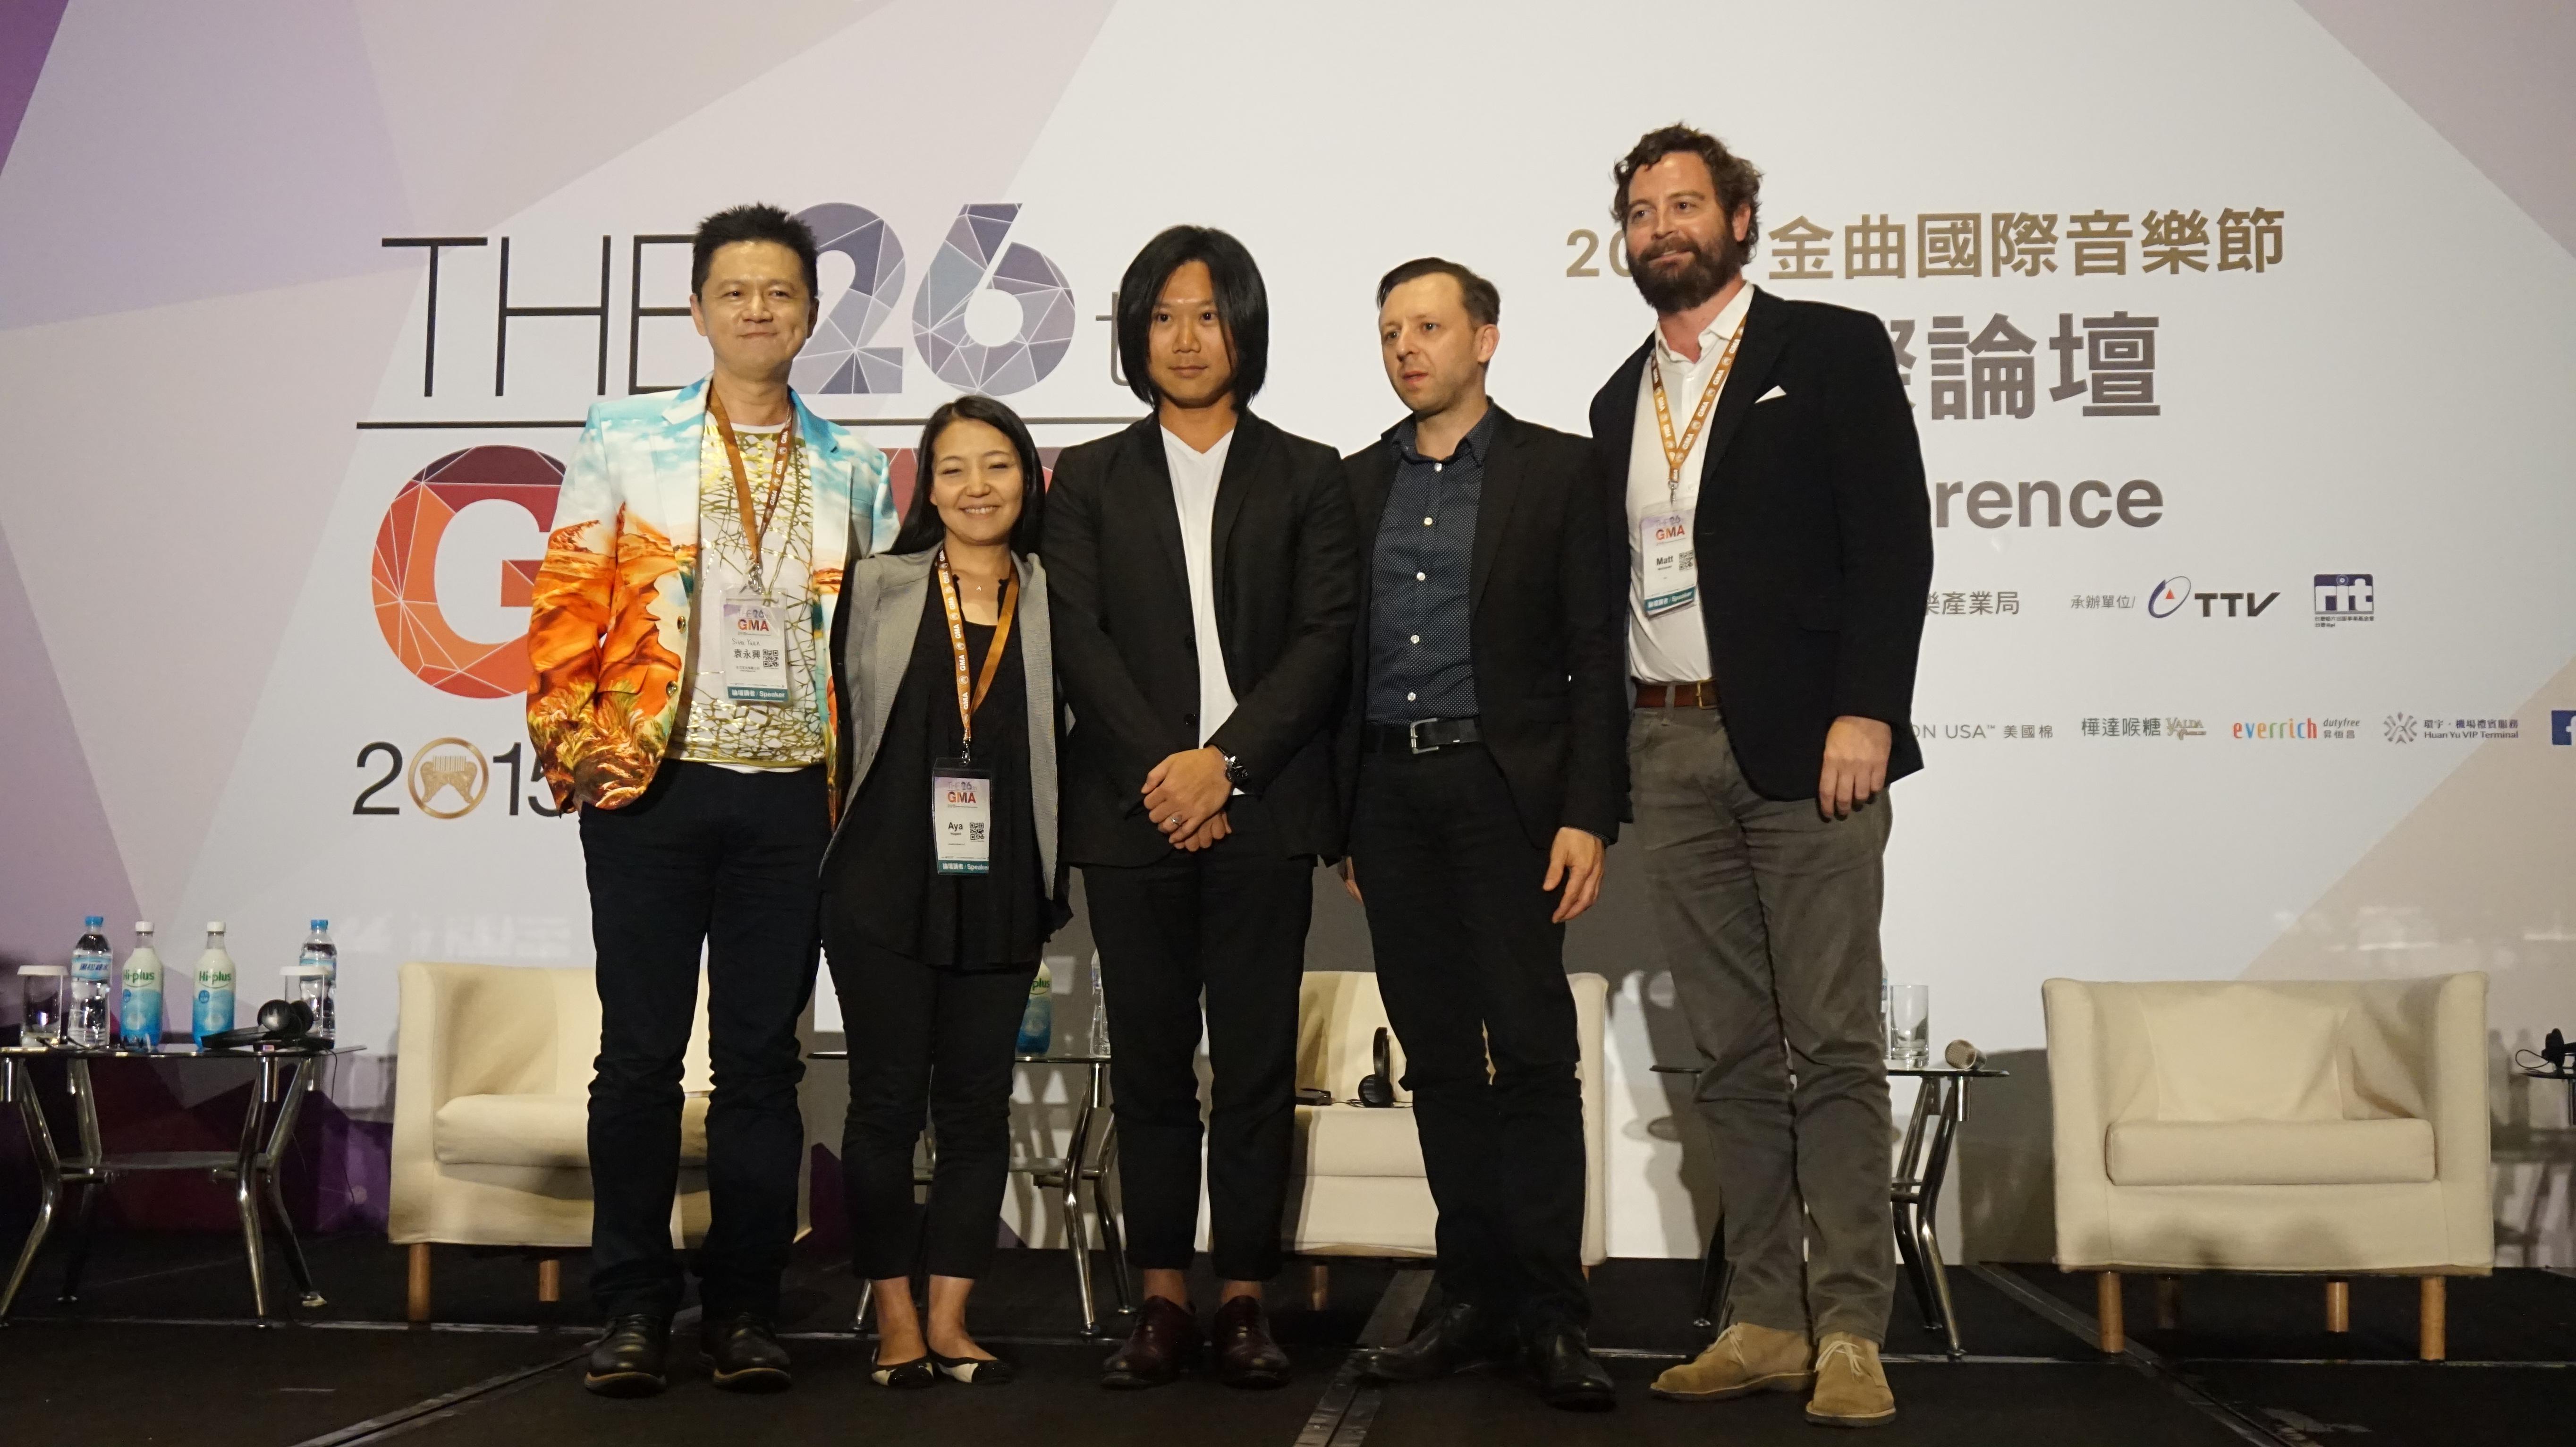 「金曲國際論壇」 知名策展人齊聚分享經驗